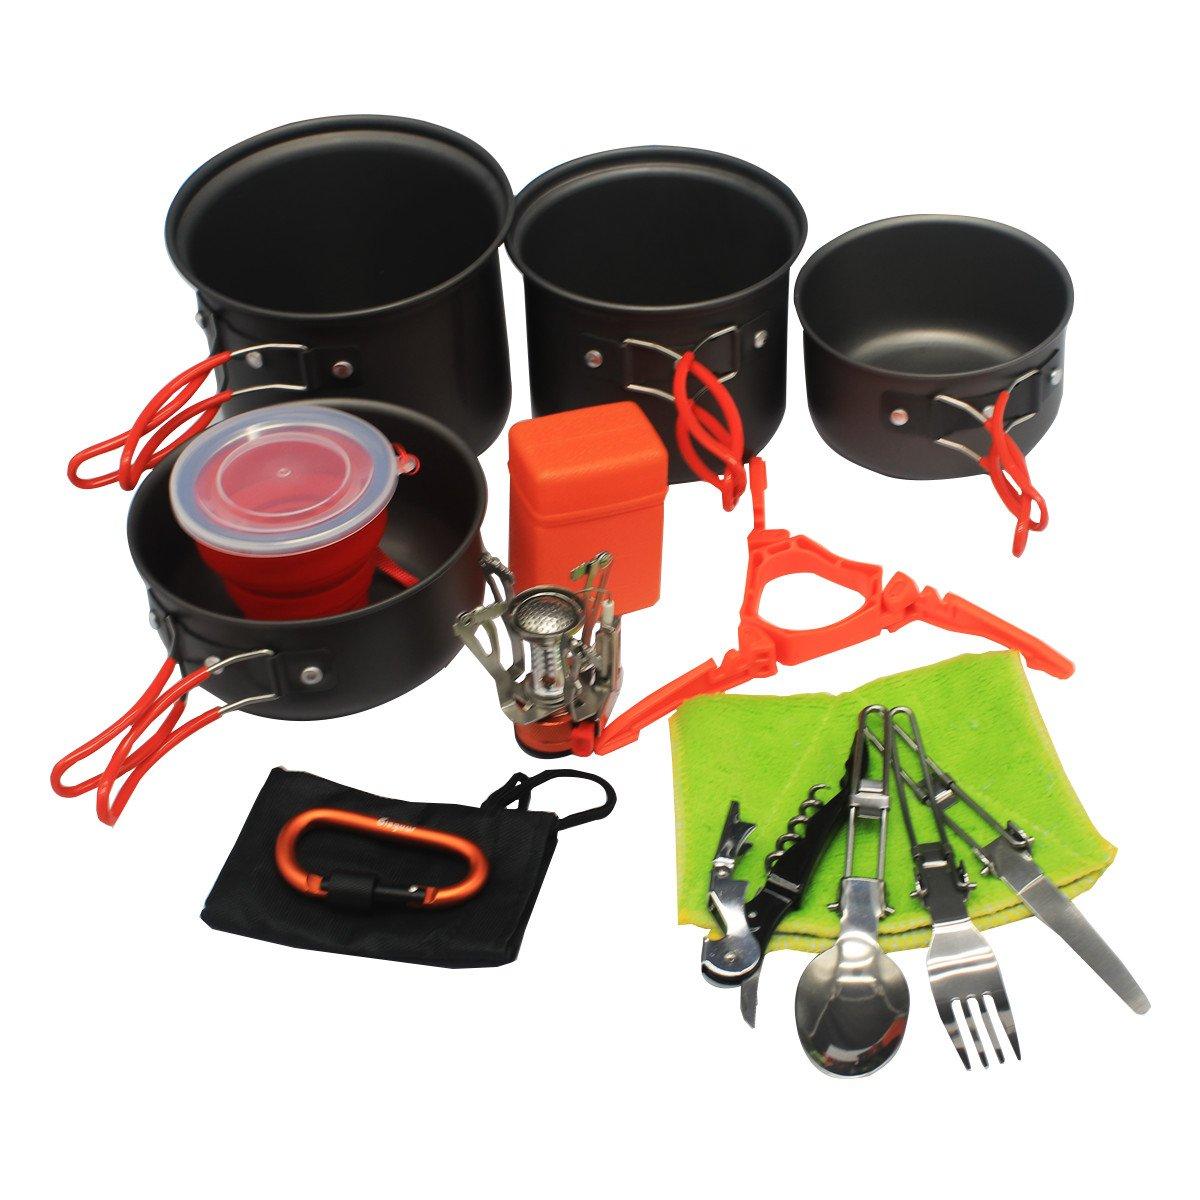 【売れ筋】 Bisgear 13個 キャンプ ハイキング 調理器具 ストーブ B07CLM9J36 カラビナ キャンプ キャニスター スタンド 三脚 折りたたみ可能 カップ 調理器具 汚れキット バックパッキング クッキングギア ハイキング ポット パン アウトドア クックセット バグアウトバッグ ワインオープナー 15pcs Orange B07CLM9J36, Import shop Glasgow グラスゴー:3d79d0f2 --- lanmedcenter.ru